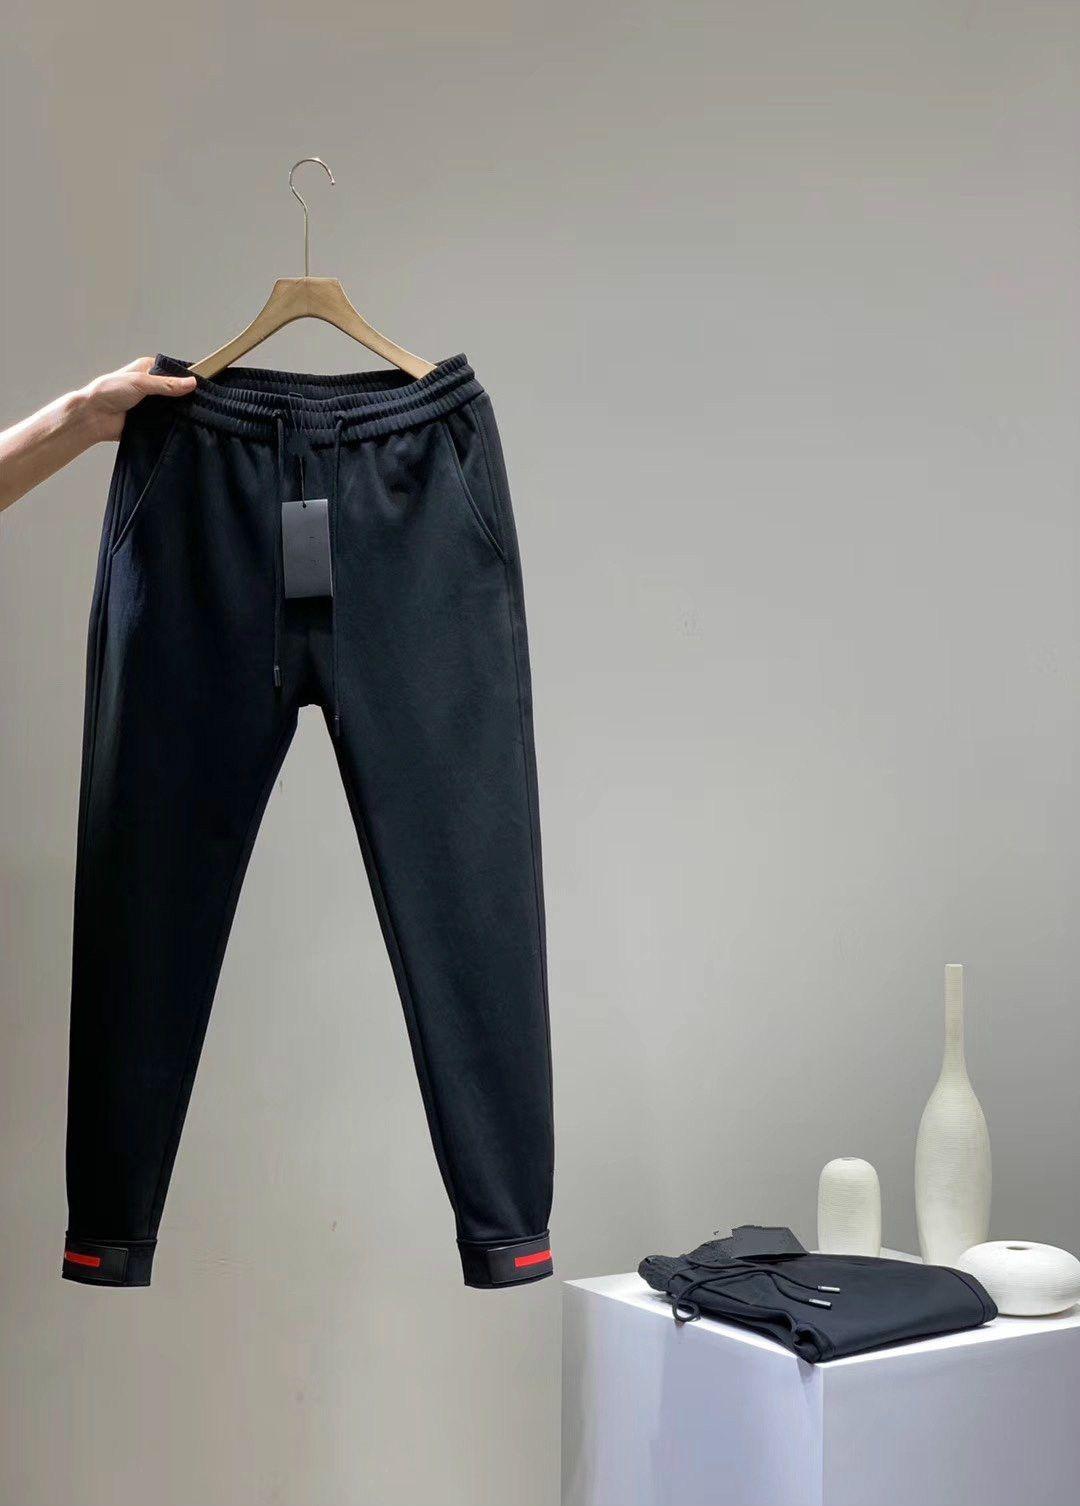 Yeni 2020 Erkek Pantolon Rahat Moda Dört Taraflı Streç Kalın Kumaş Işlemeli Harfler Basit Kendi Kendini Yetiştiriciliği İyi Stil Boyutu M-3XL Pantolonss